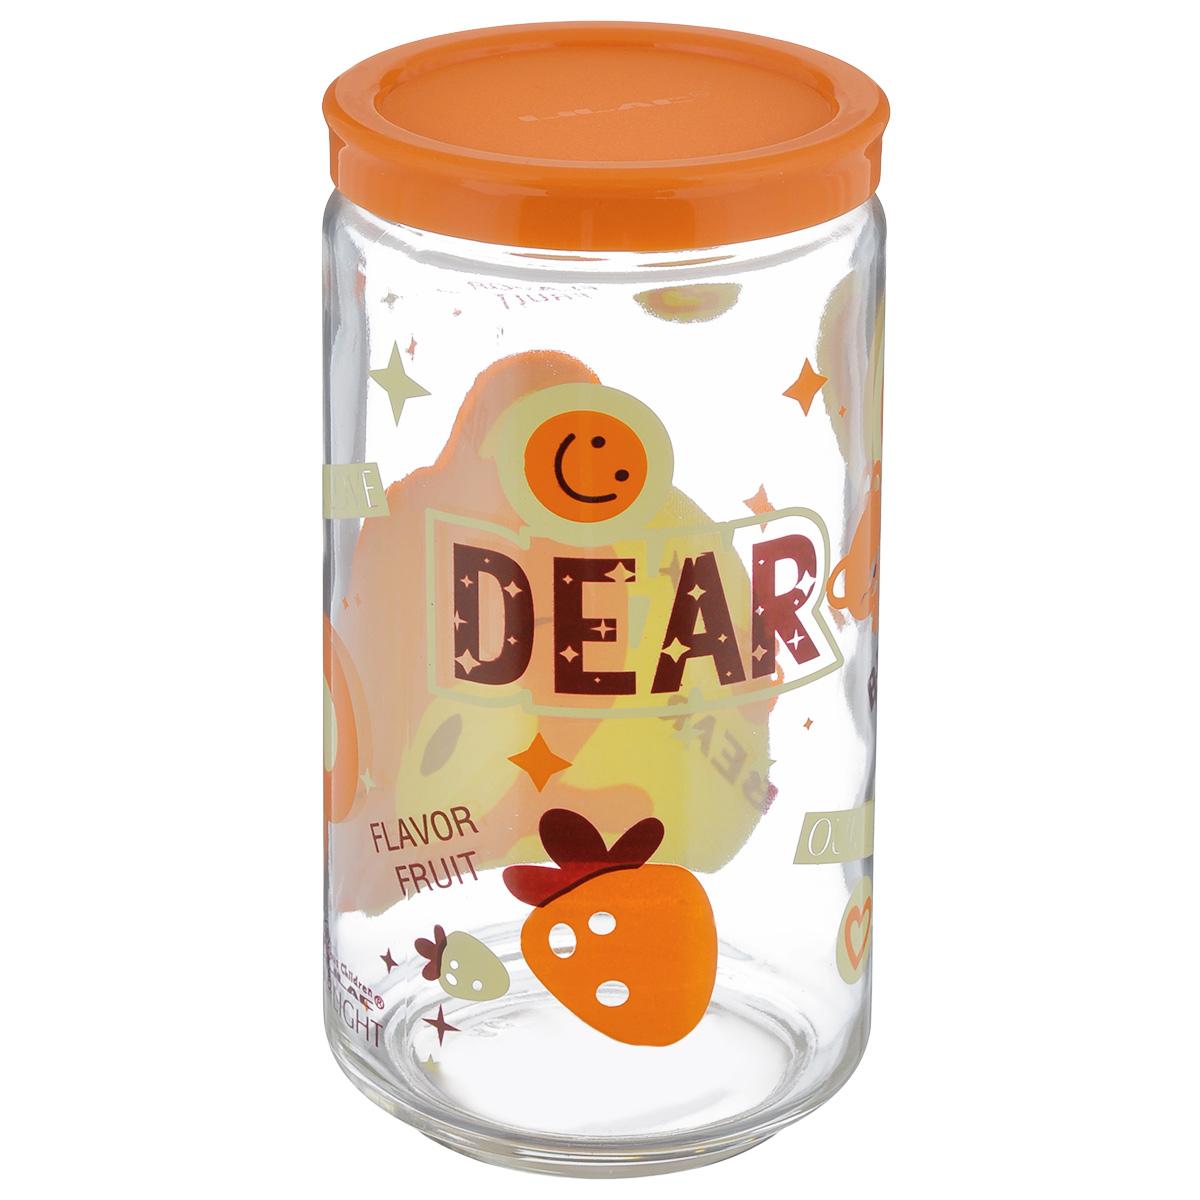 Банка для сыпучих продуктов Lilac, цвет: прозрачный, желтый, оранжевый, 800 млLLS4800_прозрачный, желтыйБанка для сыпучих продуктов Lilac изготовлена из прочного стекла и декорирована красочным рисунком. Банка оснащена плотно закрывающейся пластиковой крышкой. Благодаря этому внутри сохраняется герметичность, и продукты дольше остаются свежими. Изделие предназначено для хранения различных сыпучих продуктов: круп, чая, сахара, орехов и многого другого. Функциональная и вместительная, такая банка станет незаменимым аксессуаром на любой кухне. Не рекомендуется мыть в посудомоечной машине. Диаметр (по верхнему краю): 6 см. Высота банки (без учета крышки): 16,5 см.